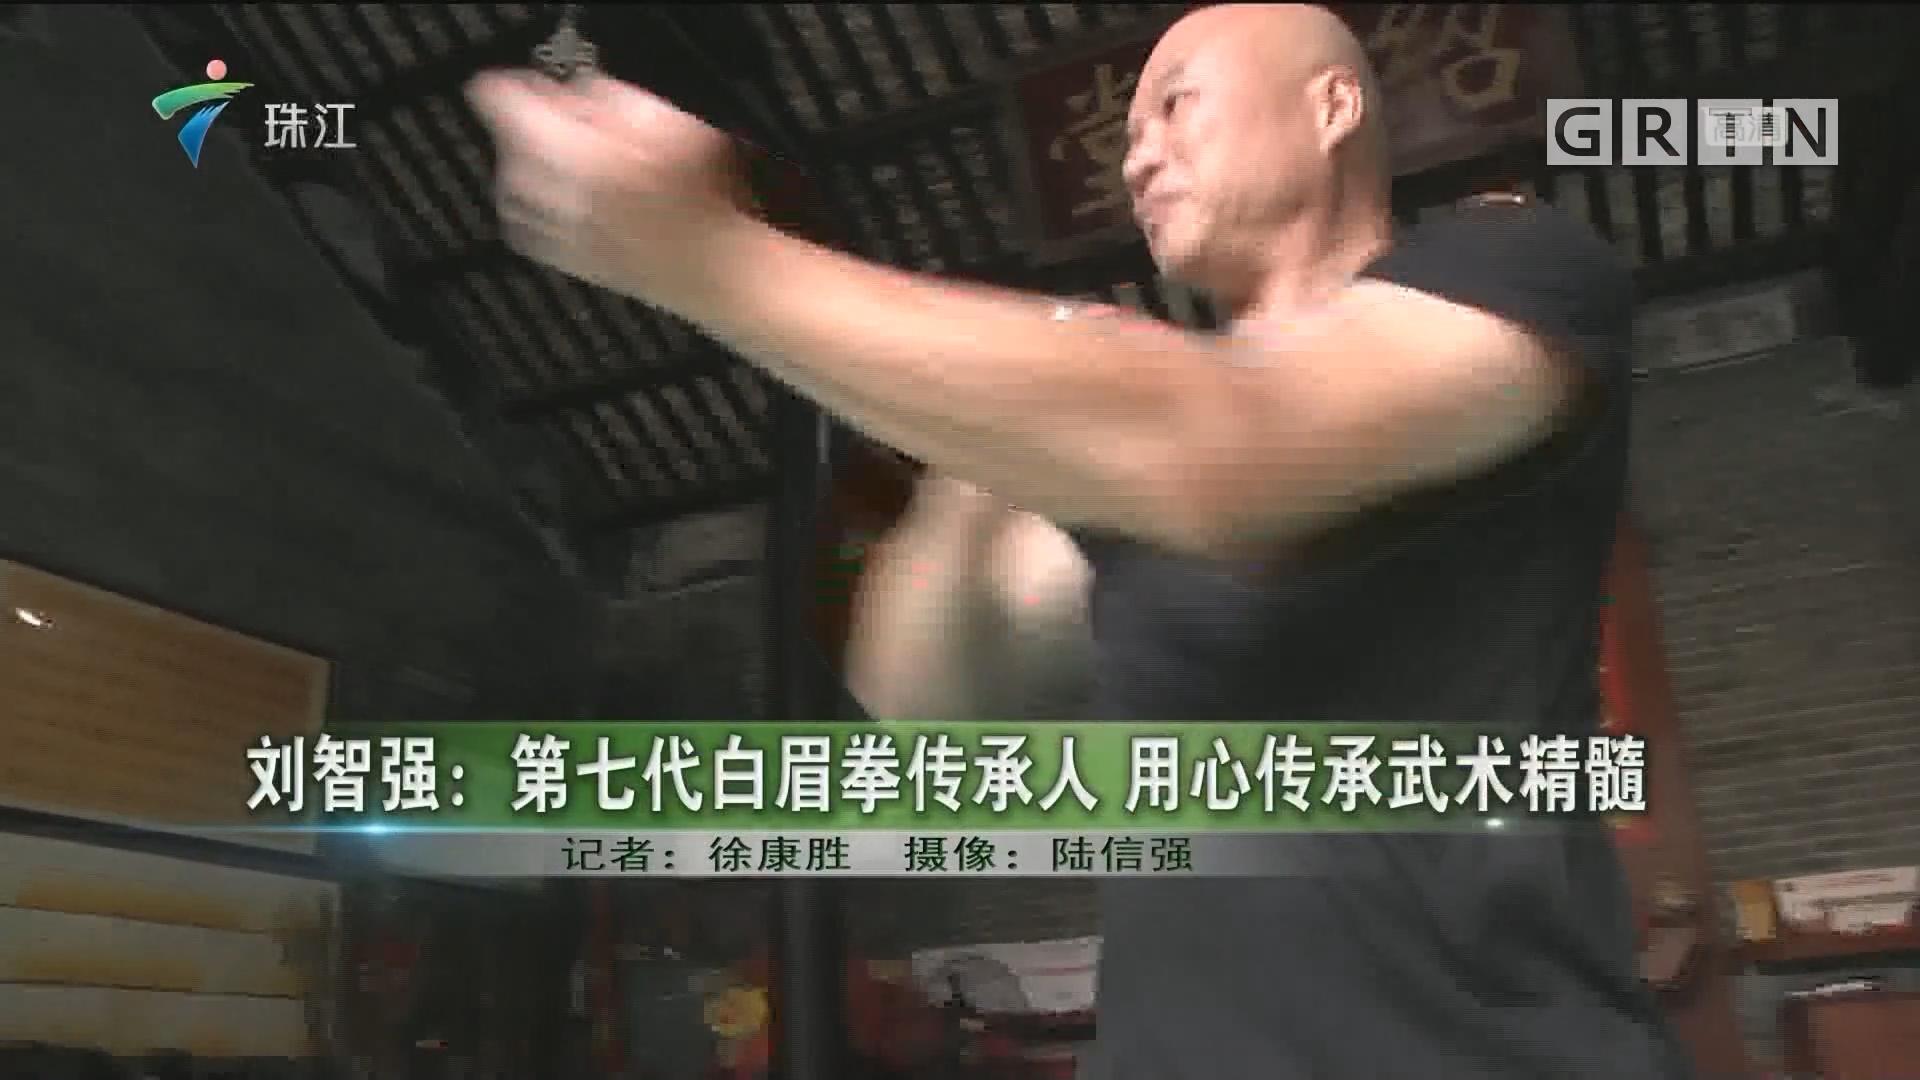 刘智强:第七代白眉拳传承人 用心传承武术精髓